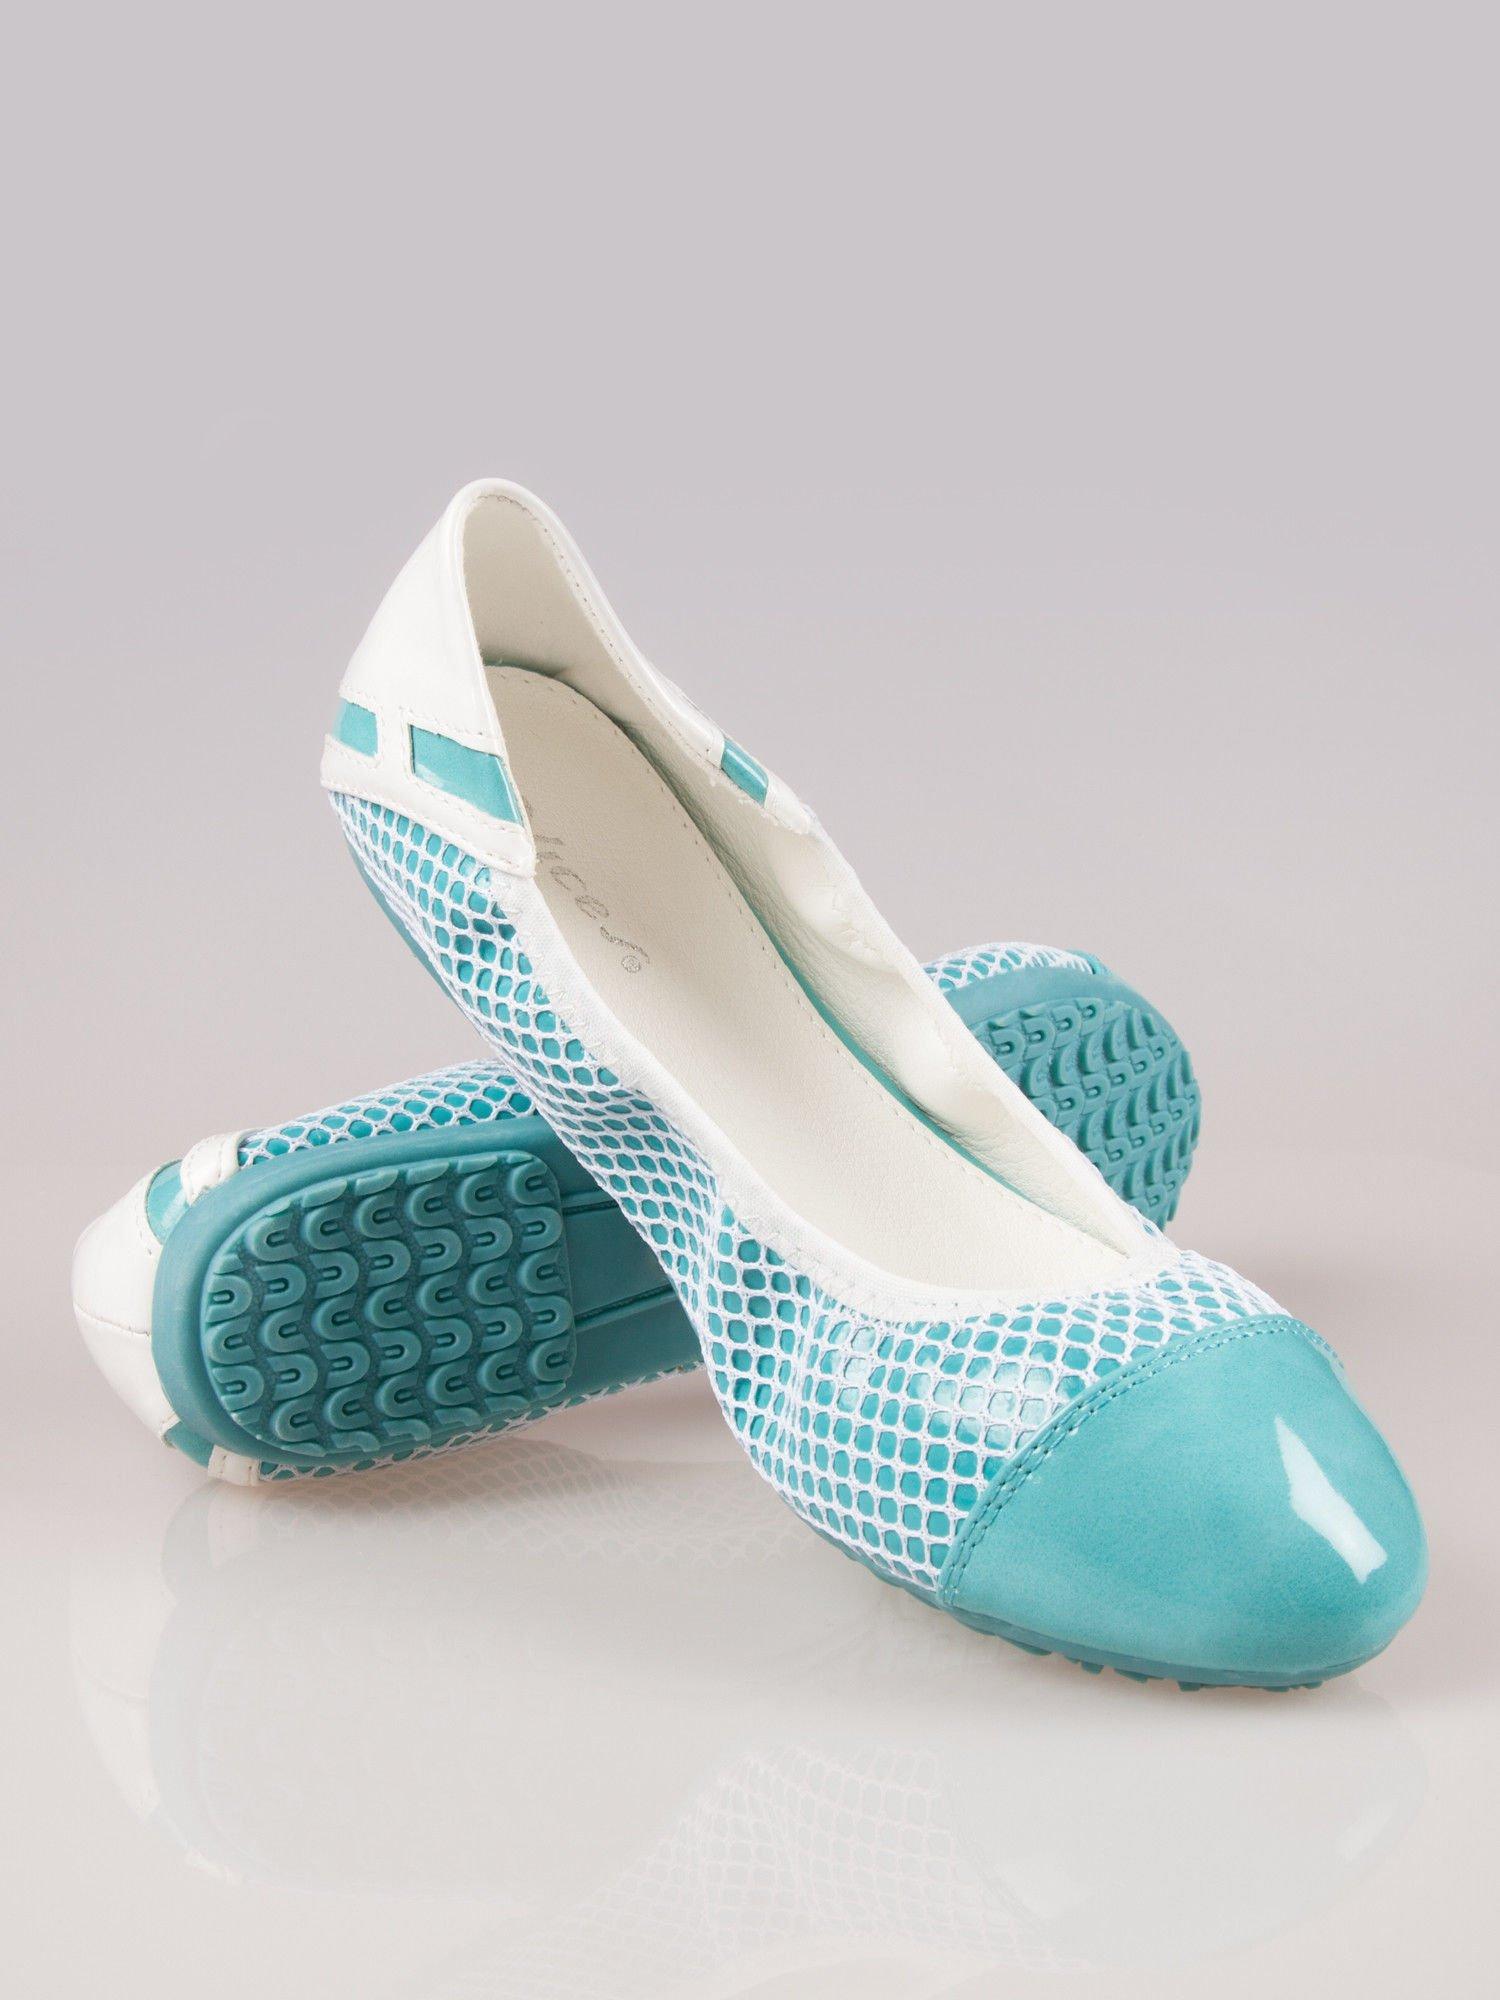 Niebieskie siateczkowe baleriny Whippie na gumkę                                  zdj.                                  2